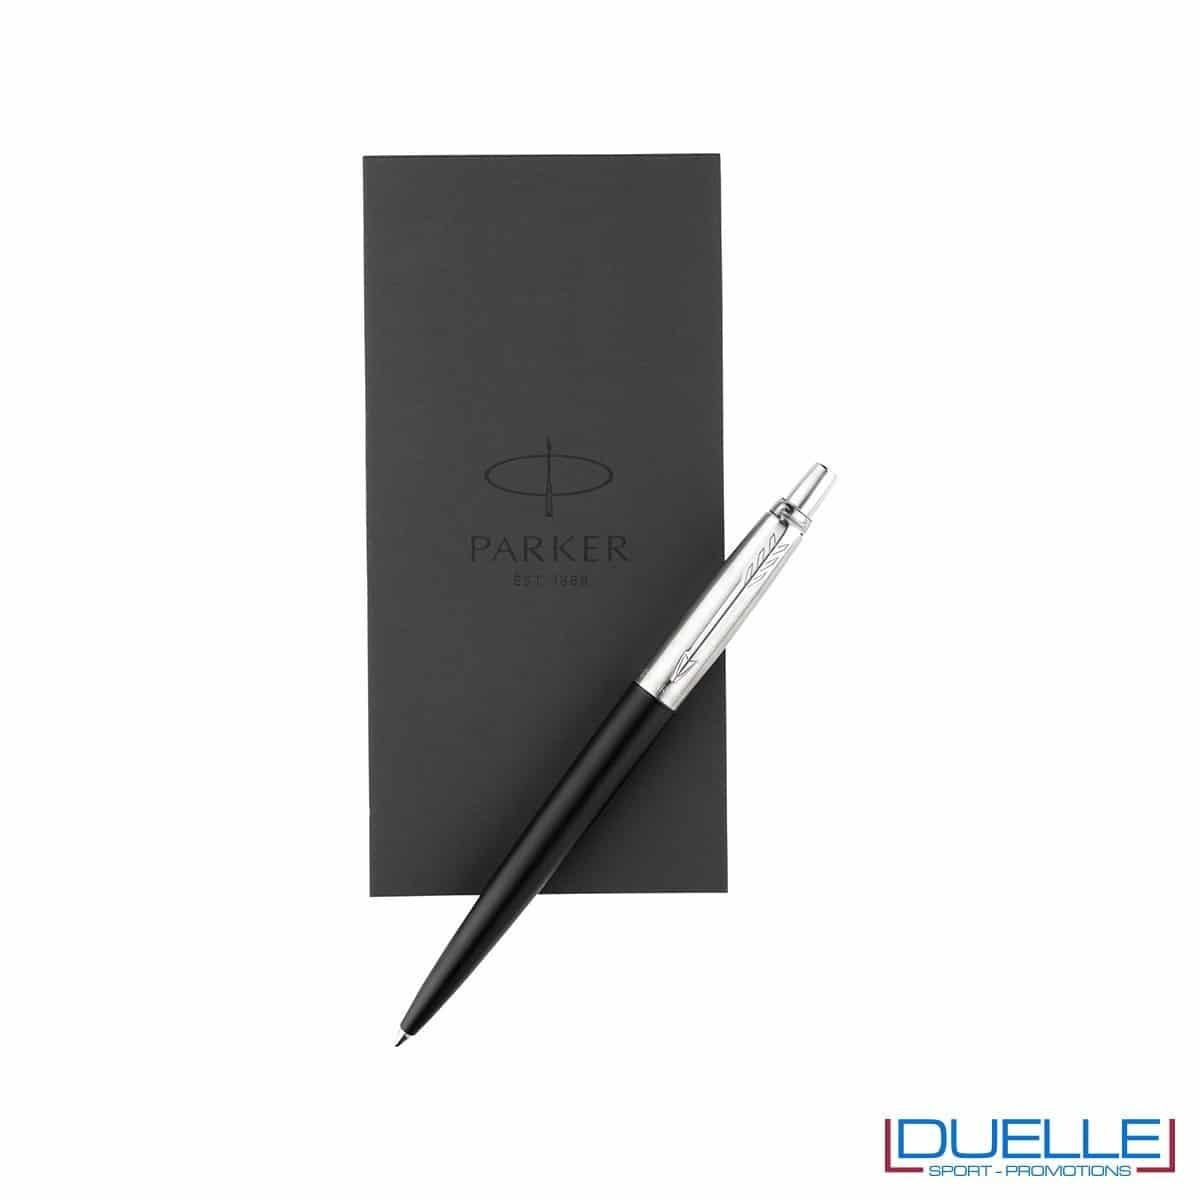 Set penne Parker personalizzate con blocco